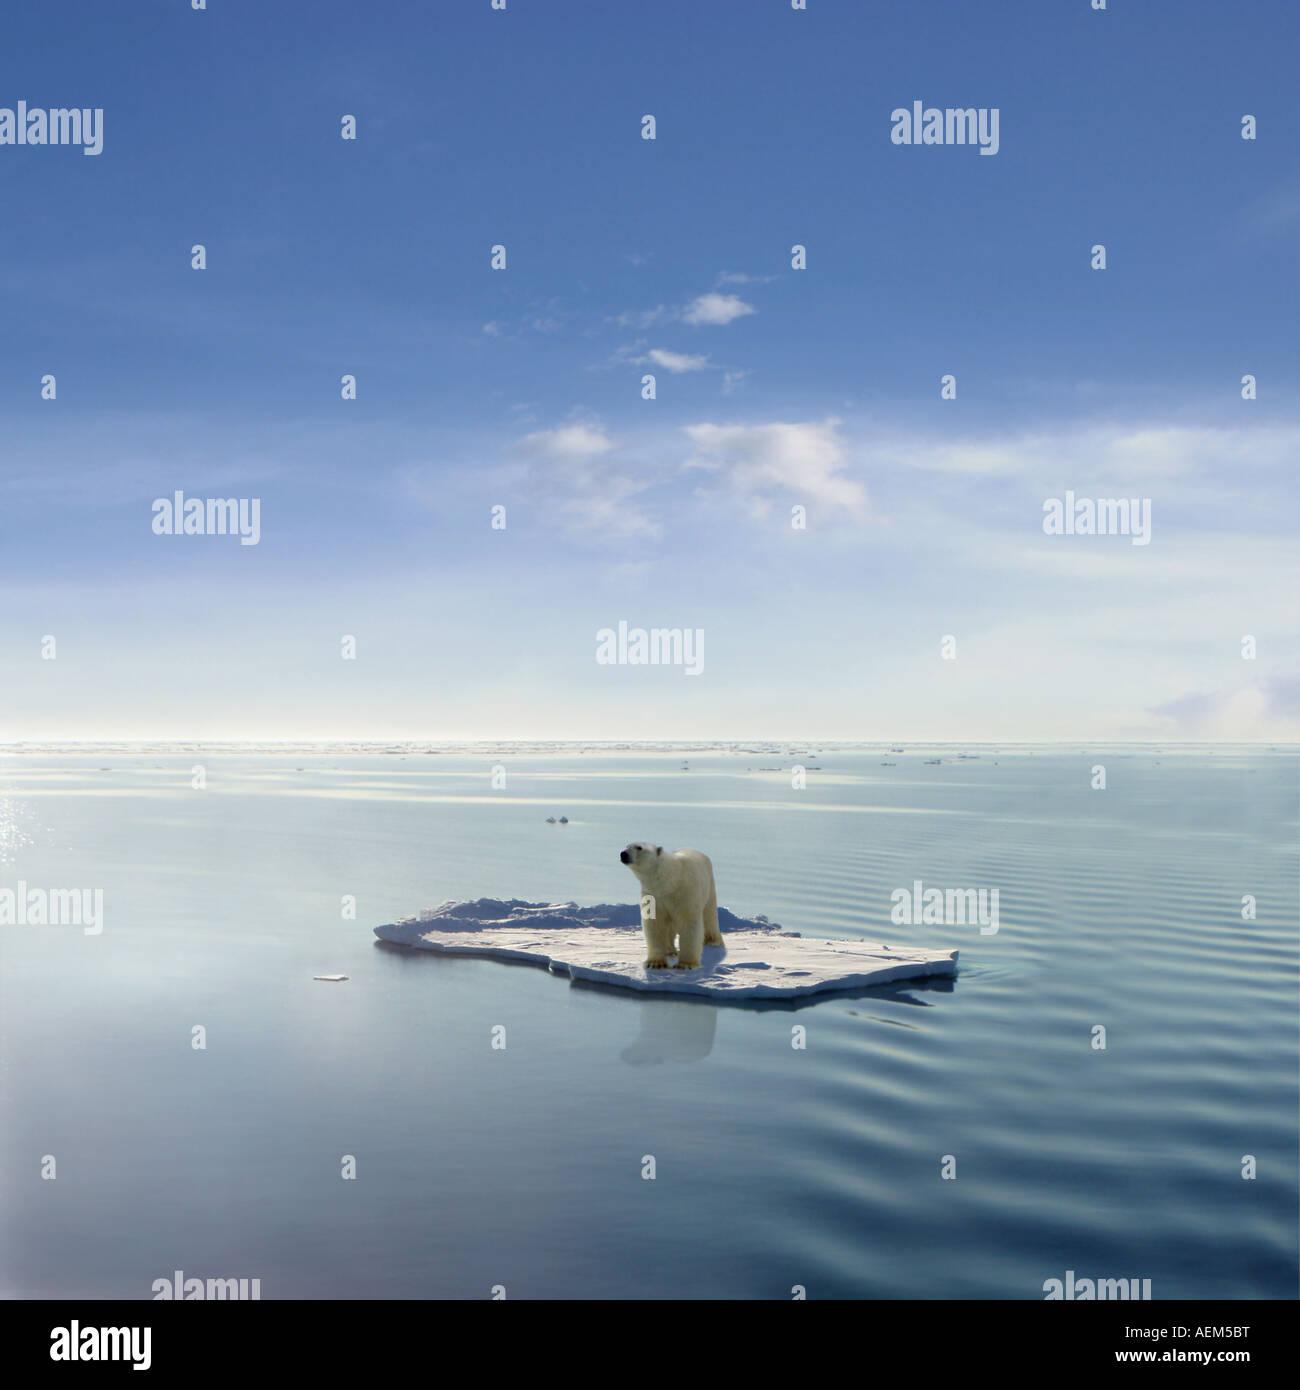 Calentamiento Gloabal Imagen De Stock